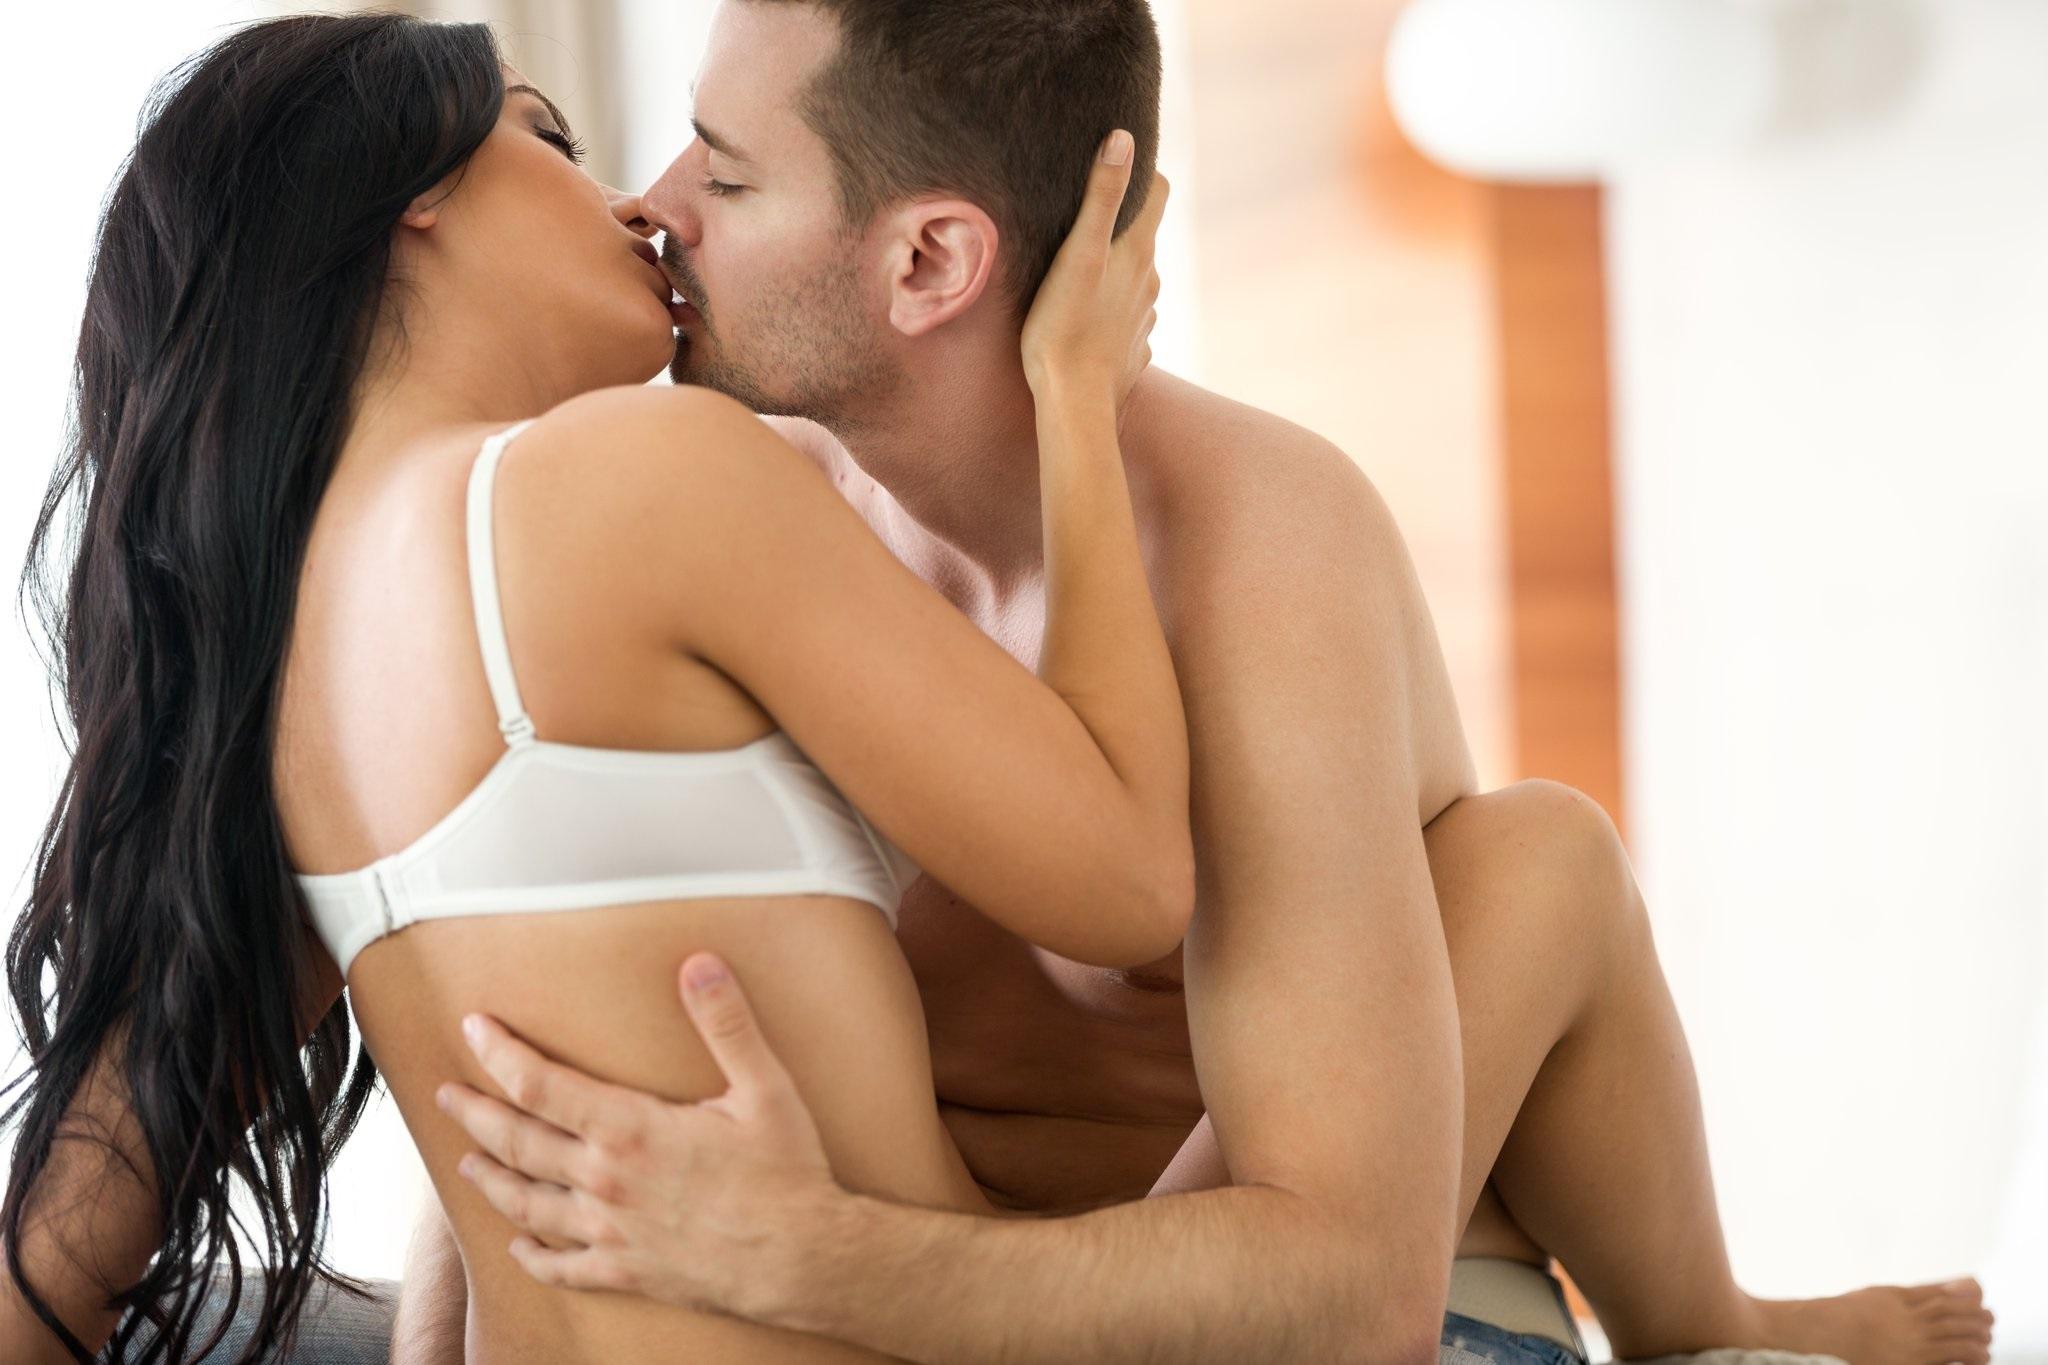 Чего хочет мужчина при массаже тела секса или поананировать